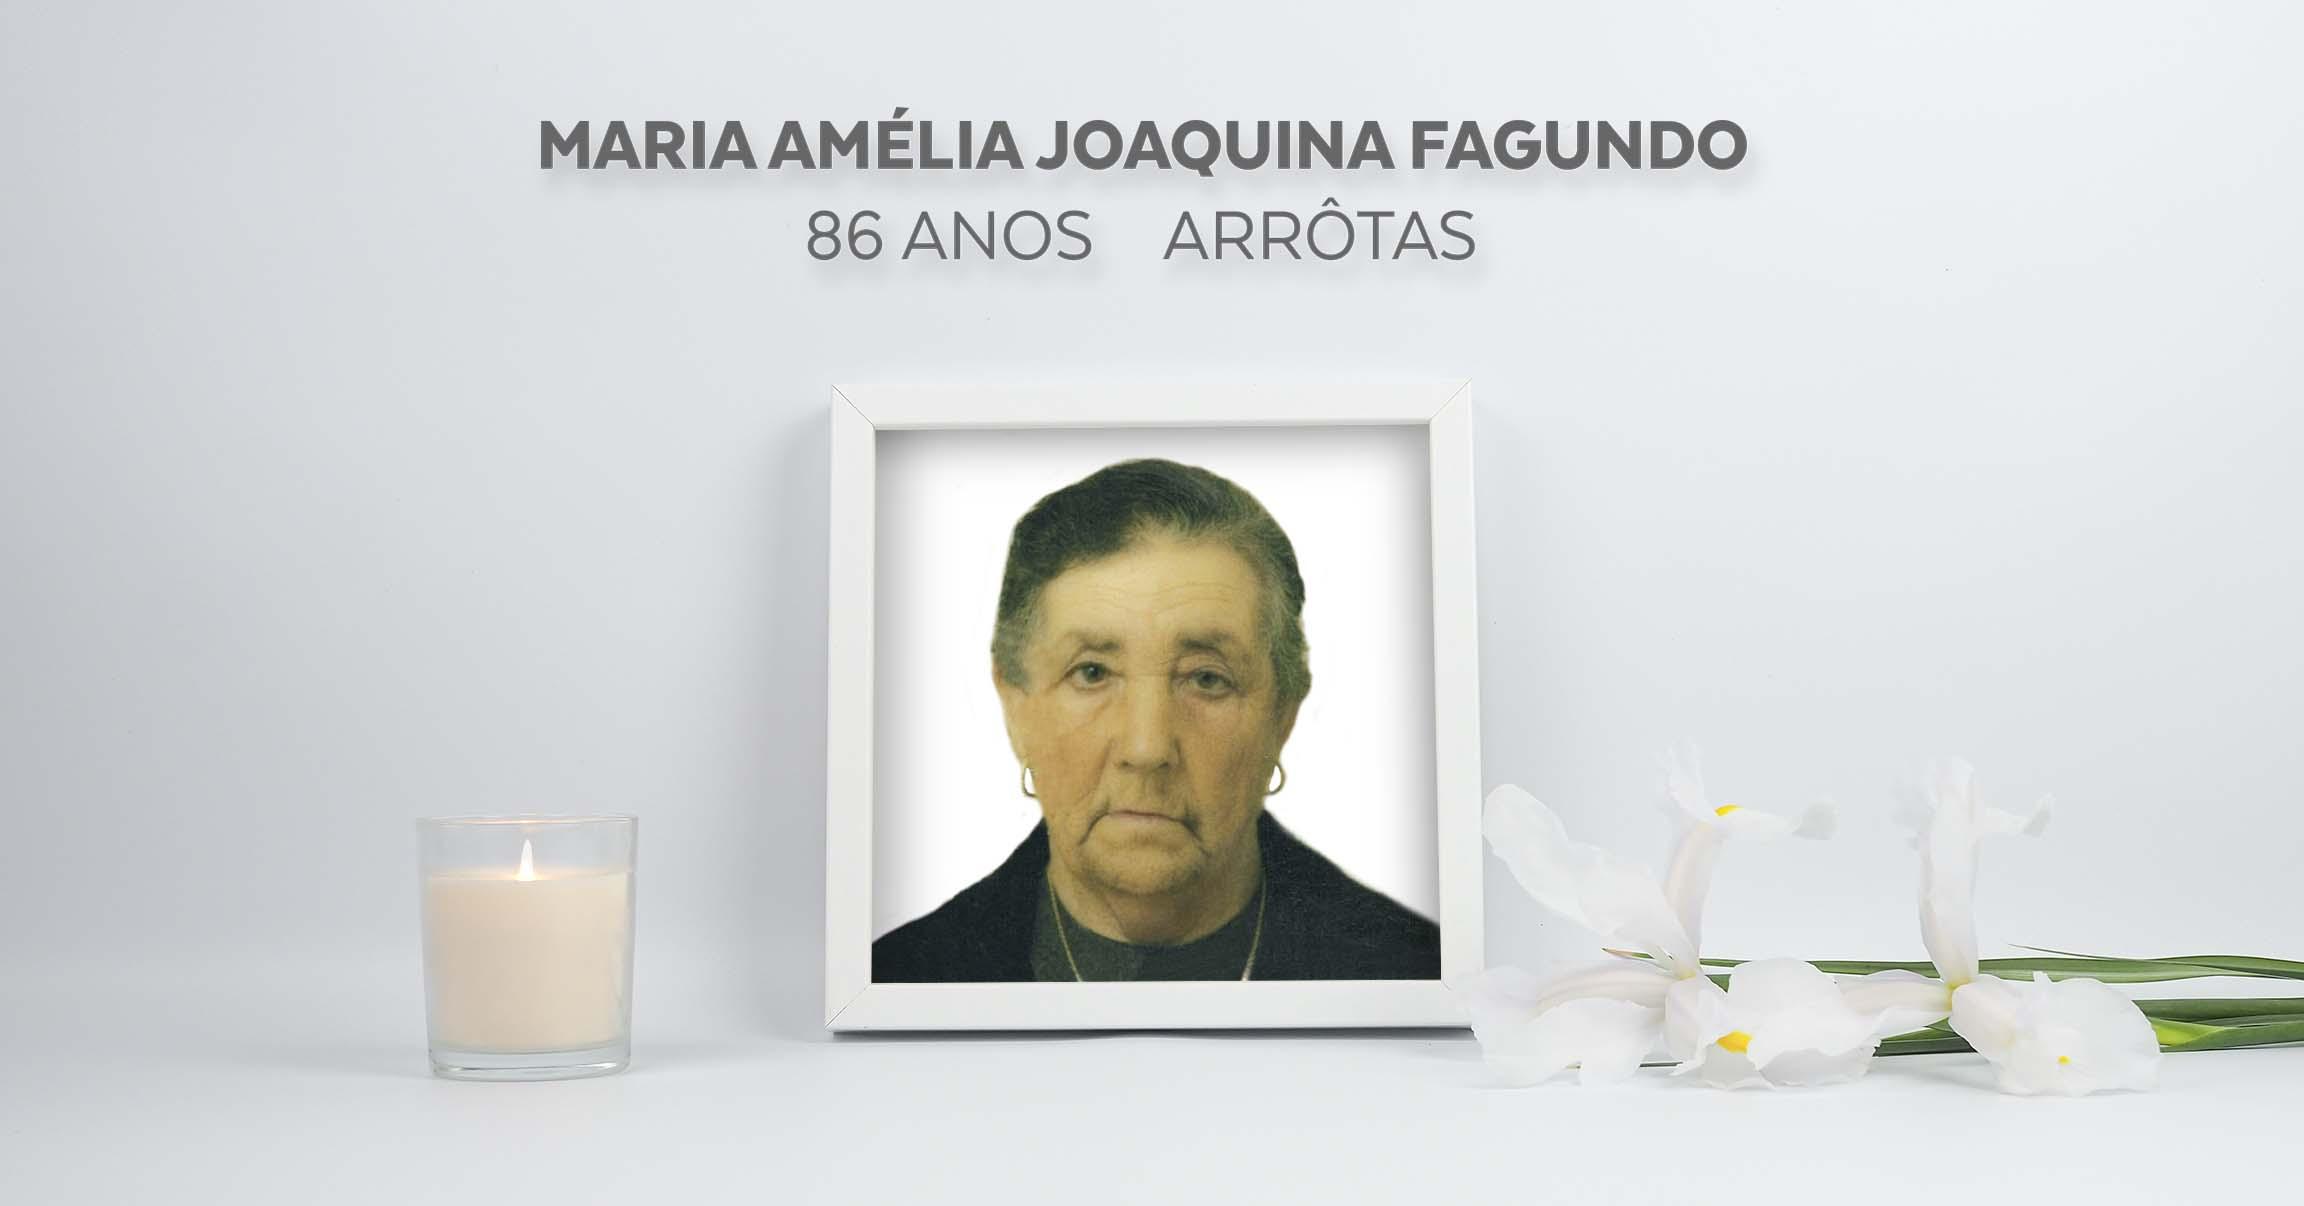 Maria Amélia Joaquina Fagundo